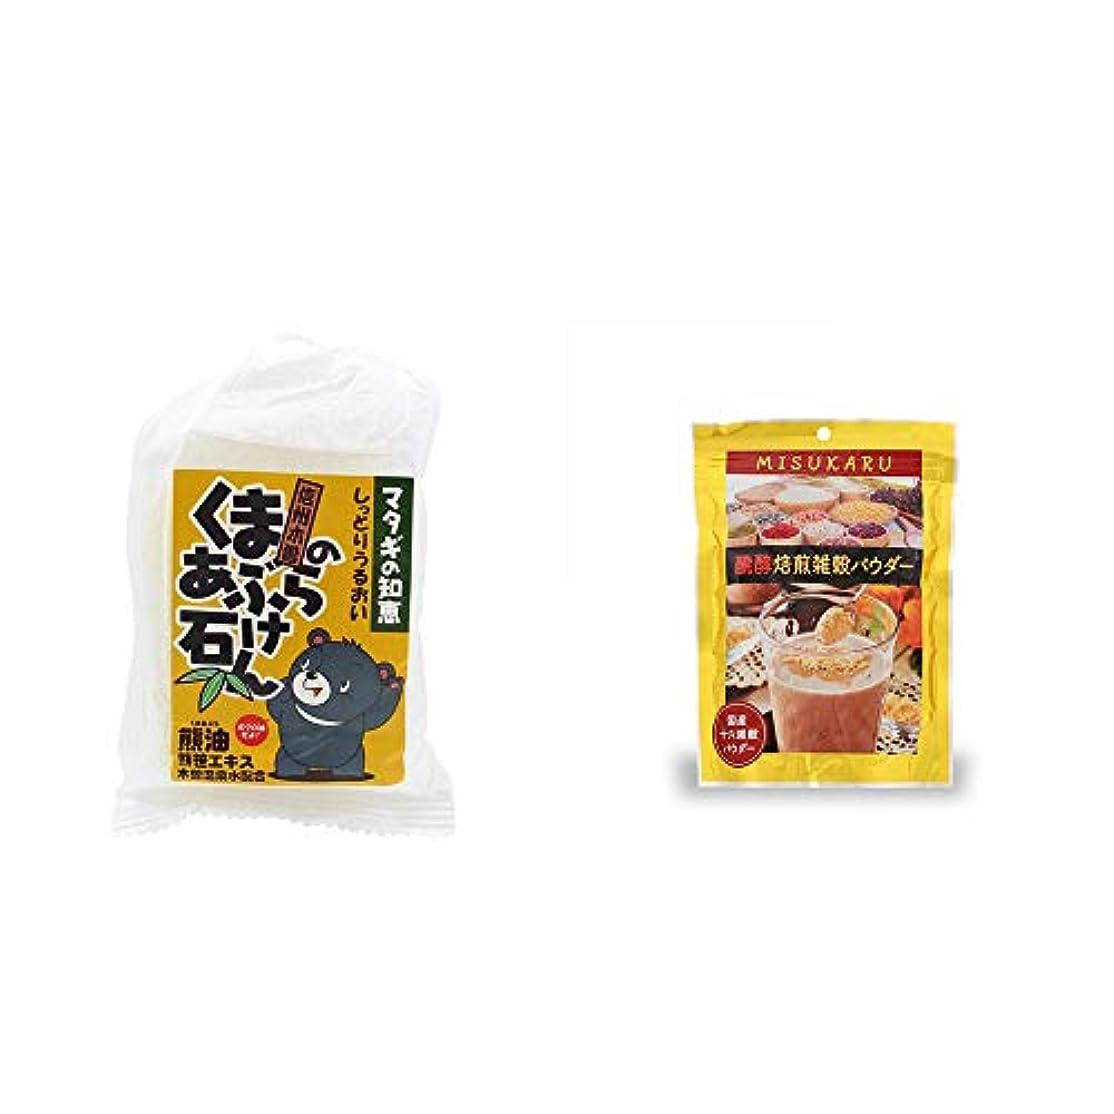 口述する十二タックル[2点セット] 信州木曽 くまのあぶら石けん(80g)?醗酵焙煎雑穀パウダー MISUKARU(ミスカル)(200g)